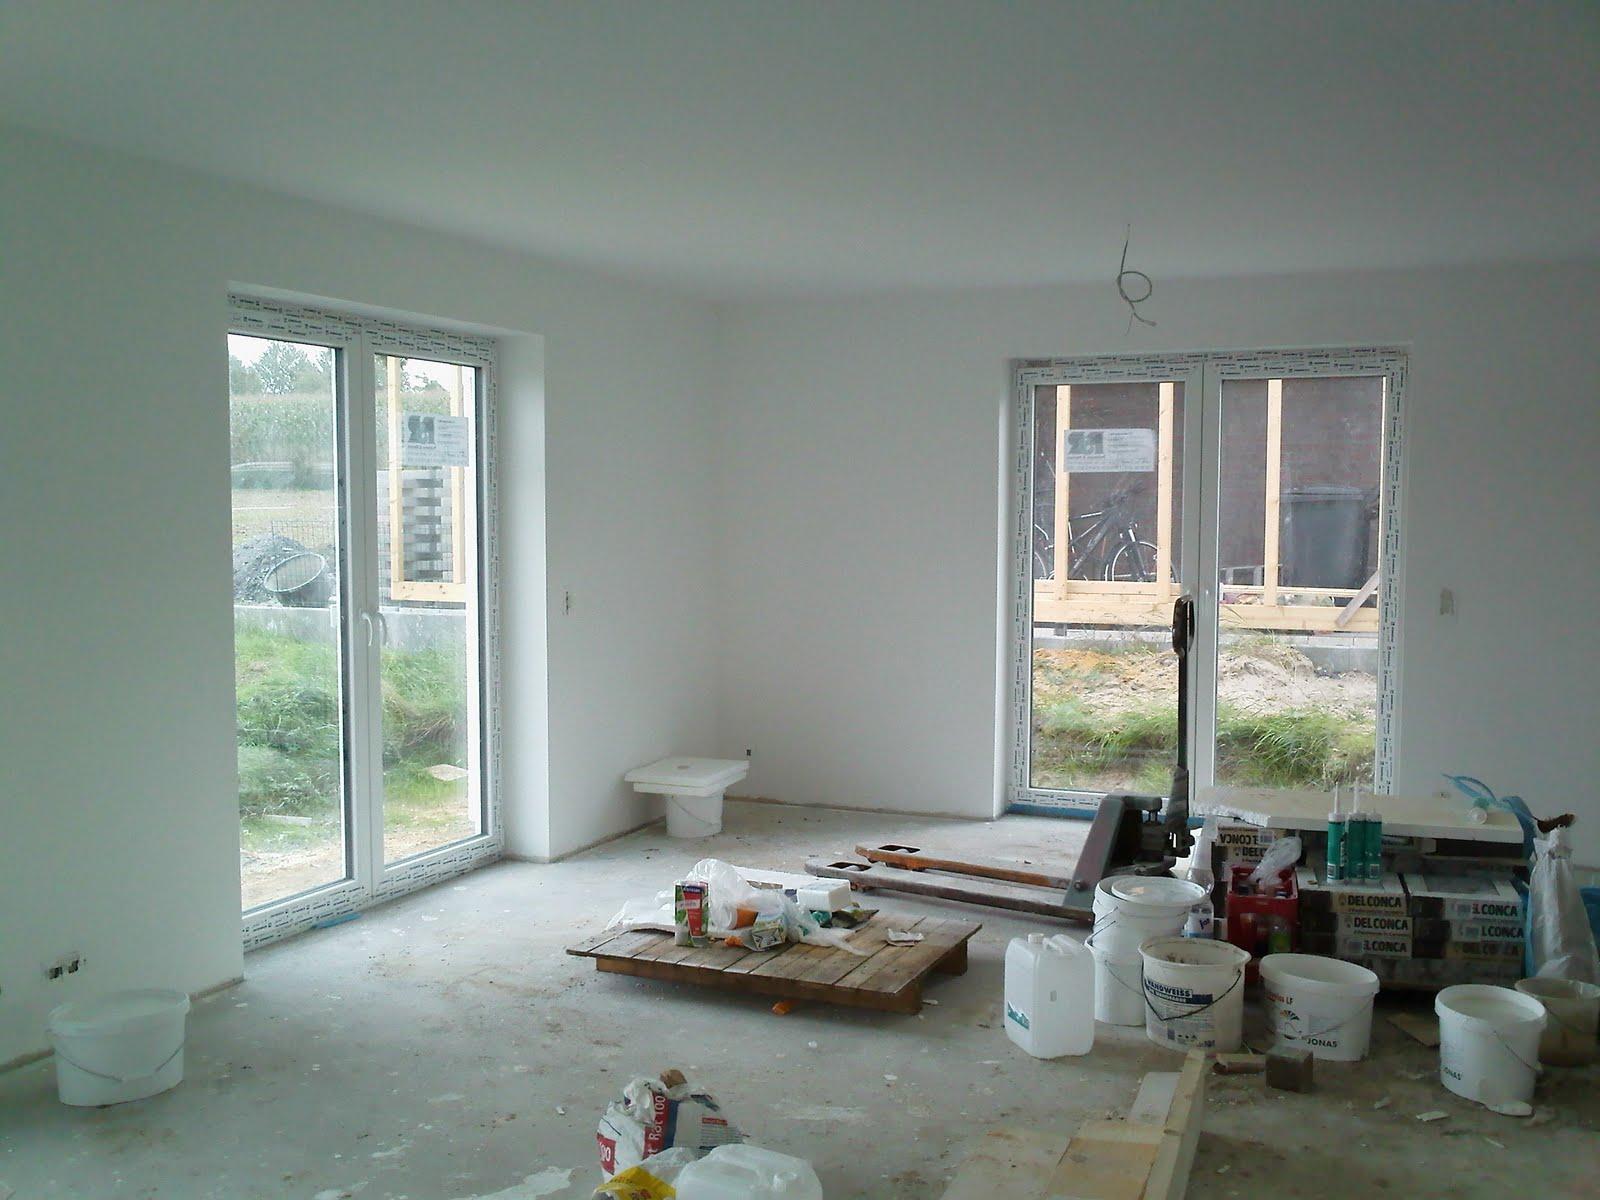 jenny und stefan bauen ein haus wohn esszimmer k che gestrichen und ohne ger st. Black Bedroom Furniture Sets. Home Design Ideas